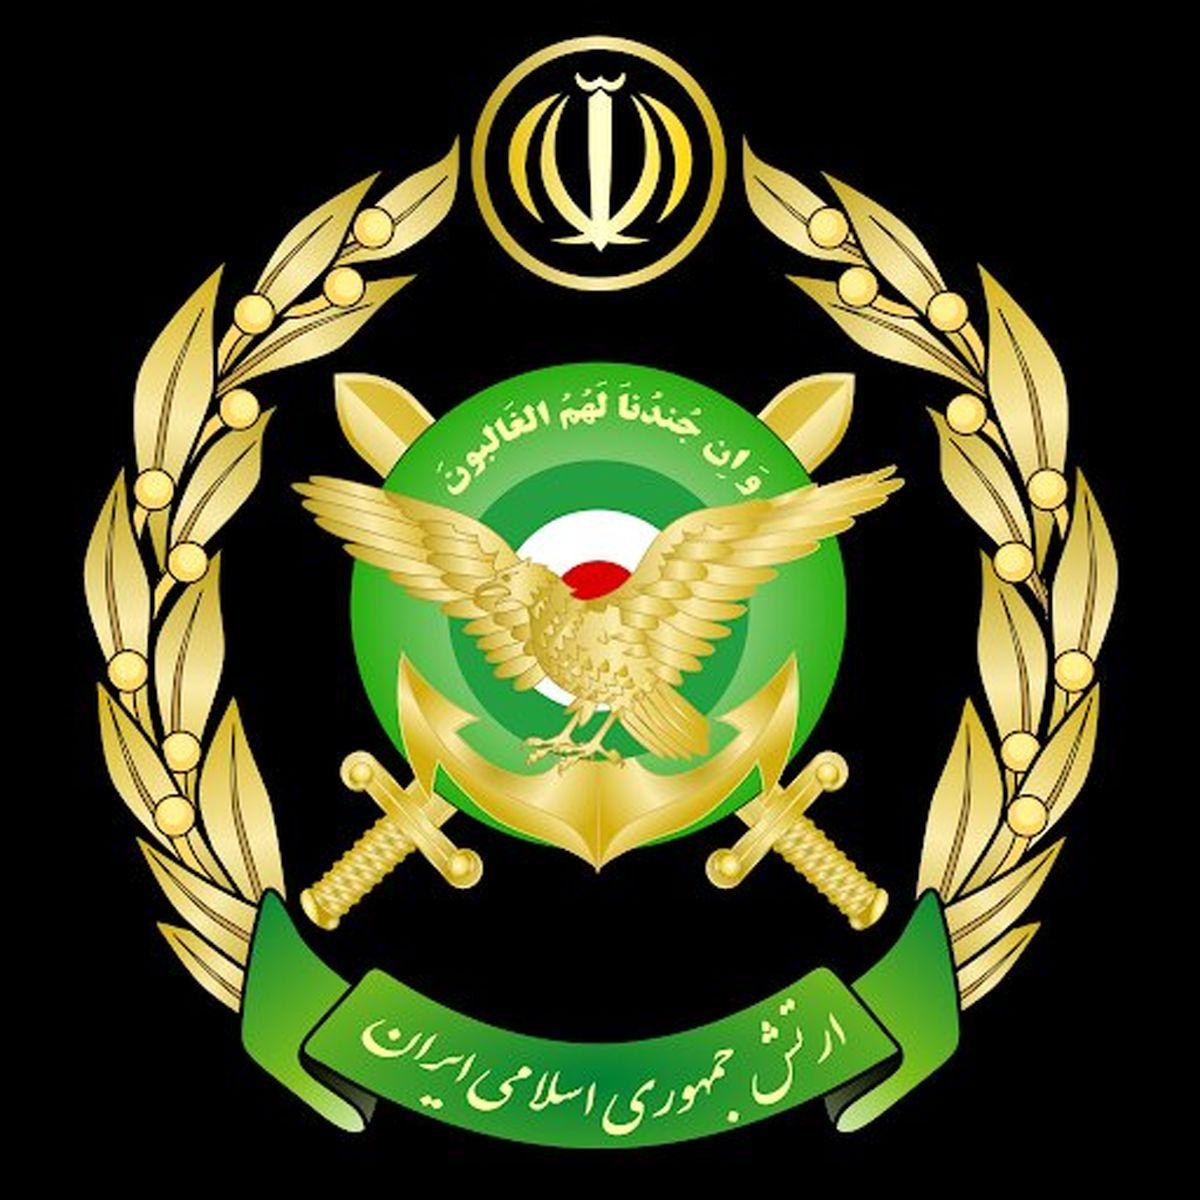 بیانیه ارتش به مناسبت روز جمهوری اسلامی ایران